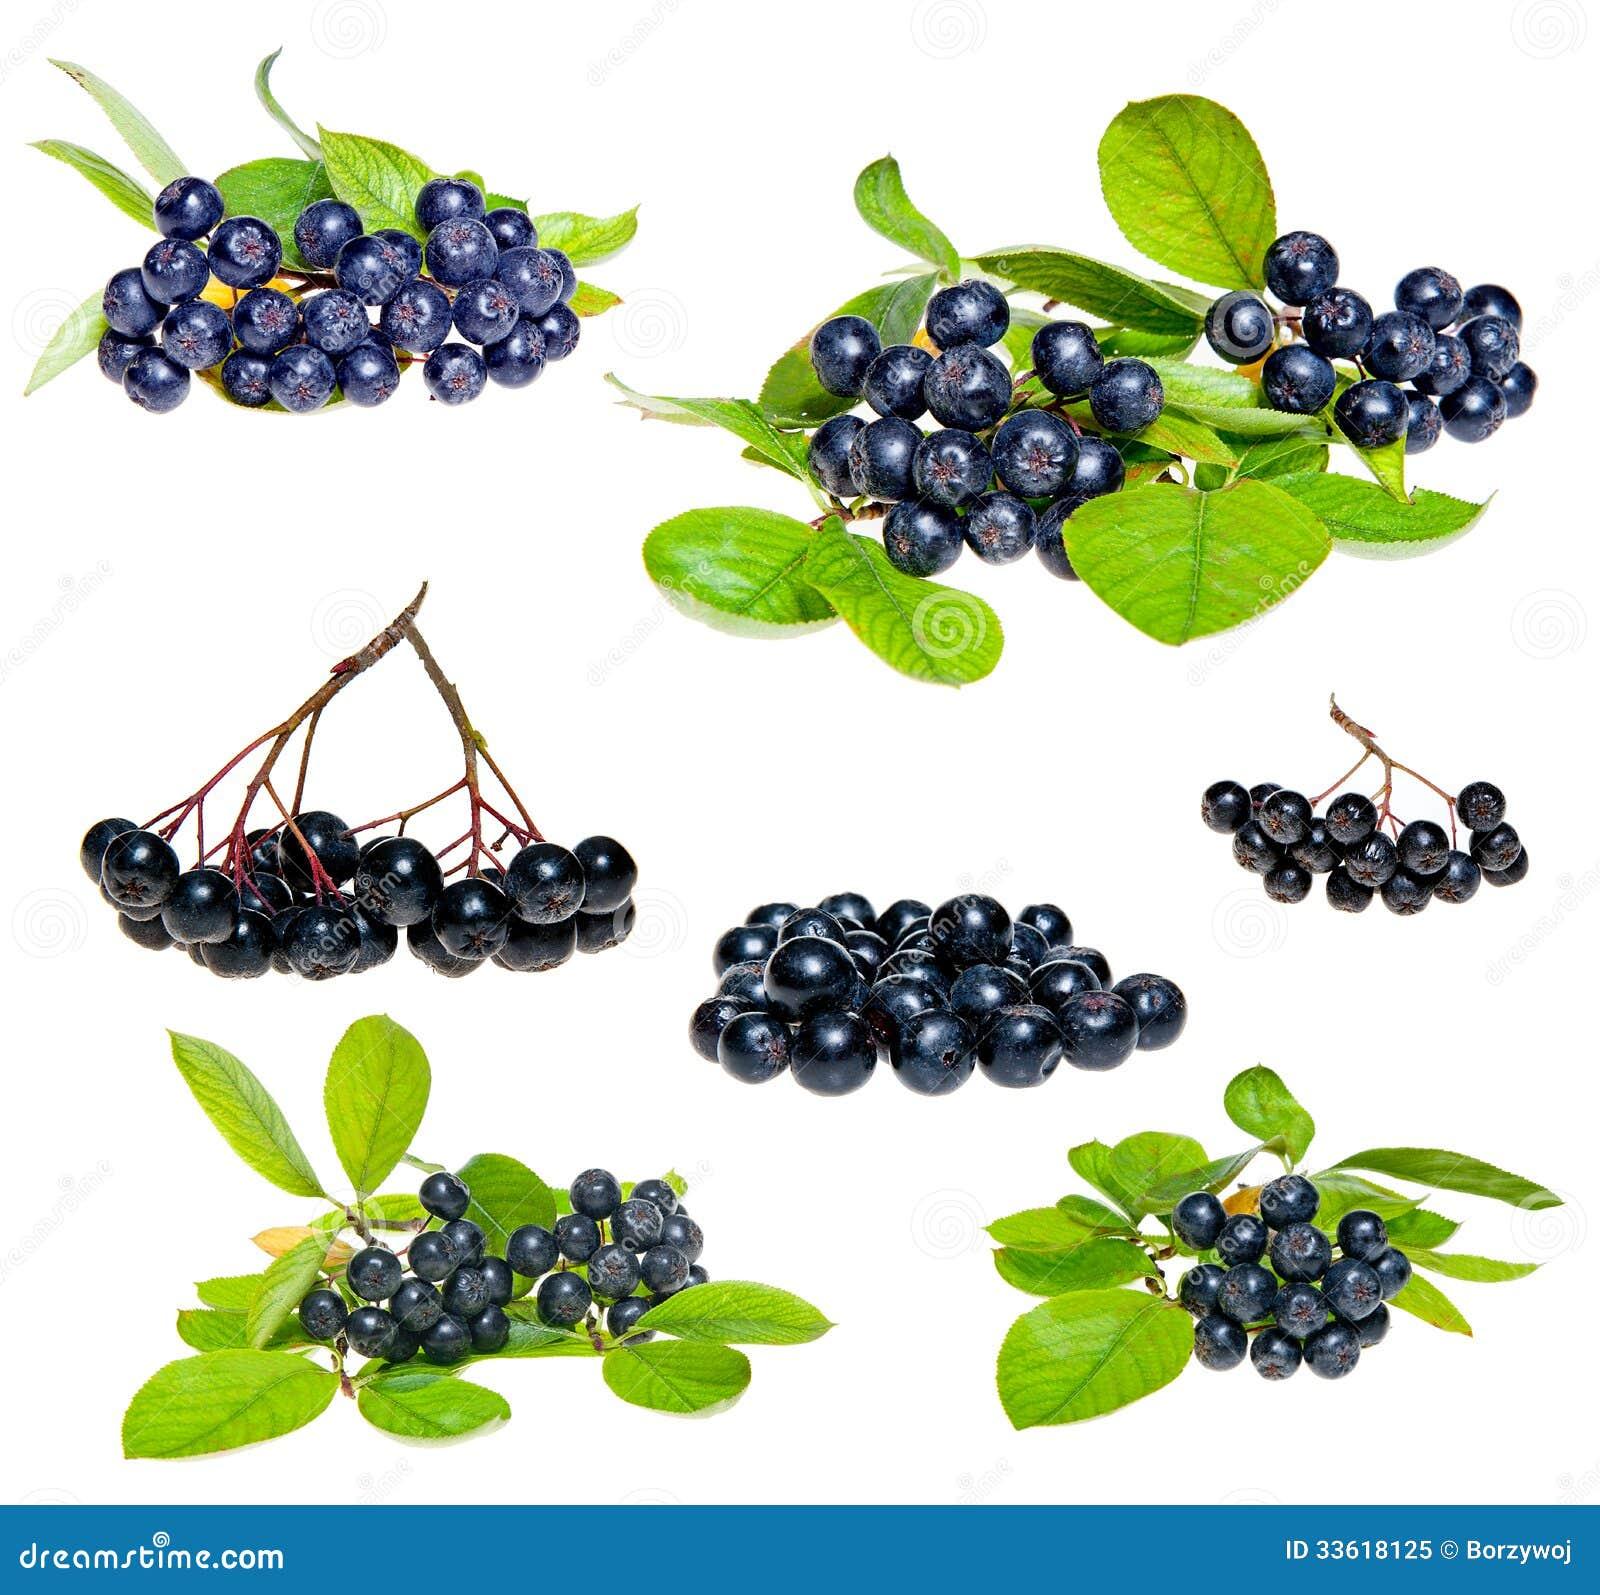 Aronia - Black Choke berry